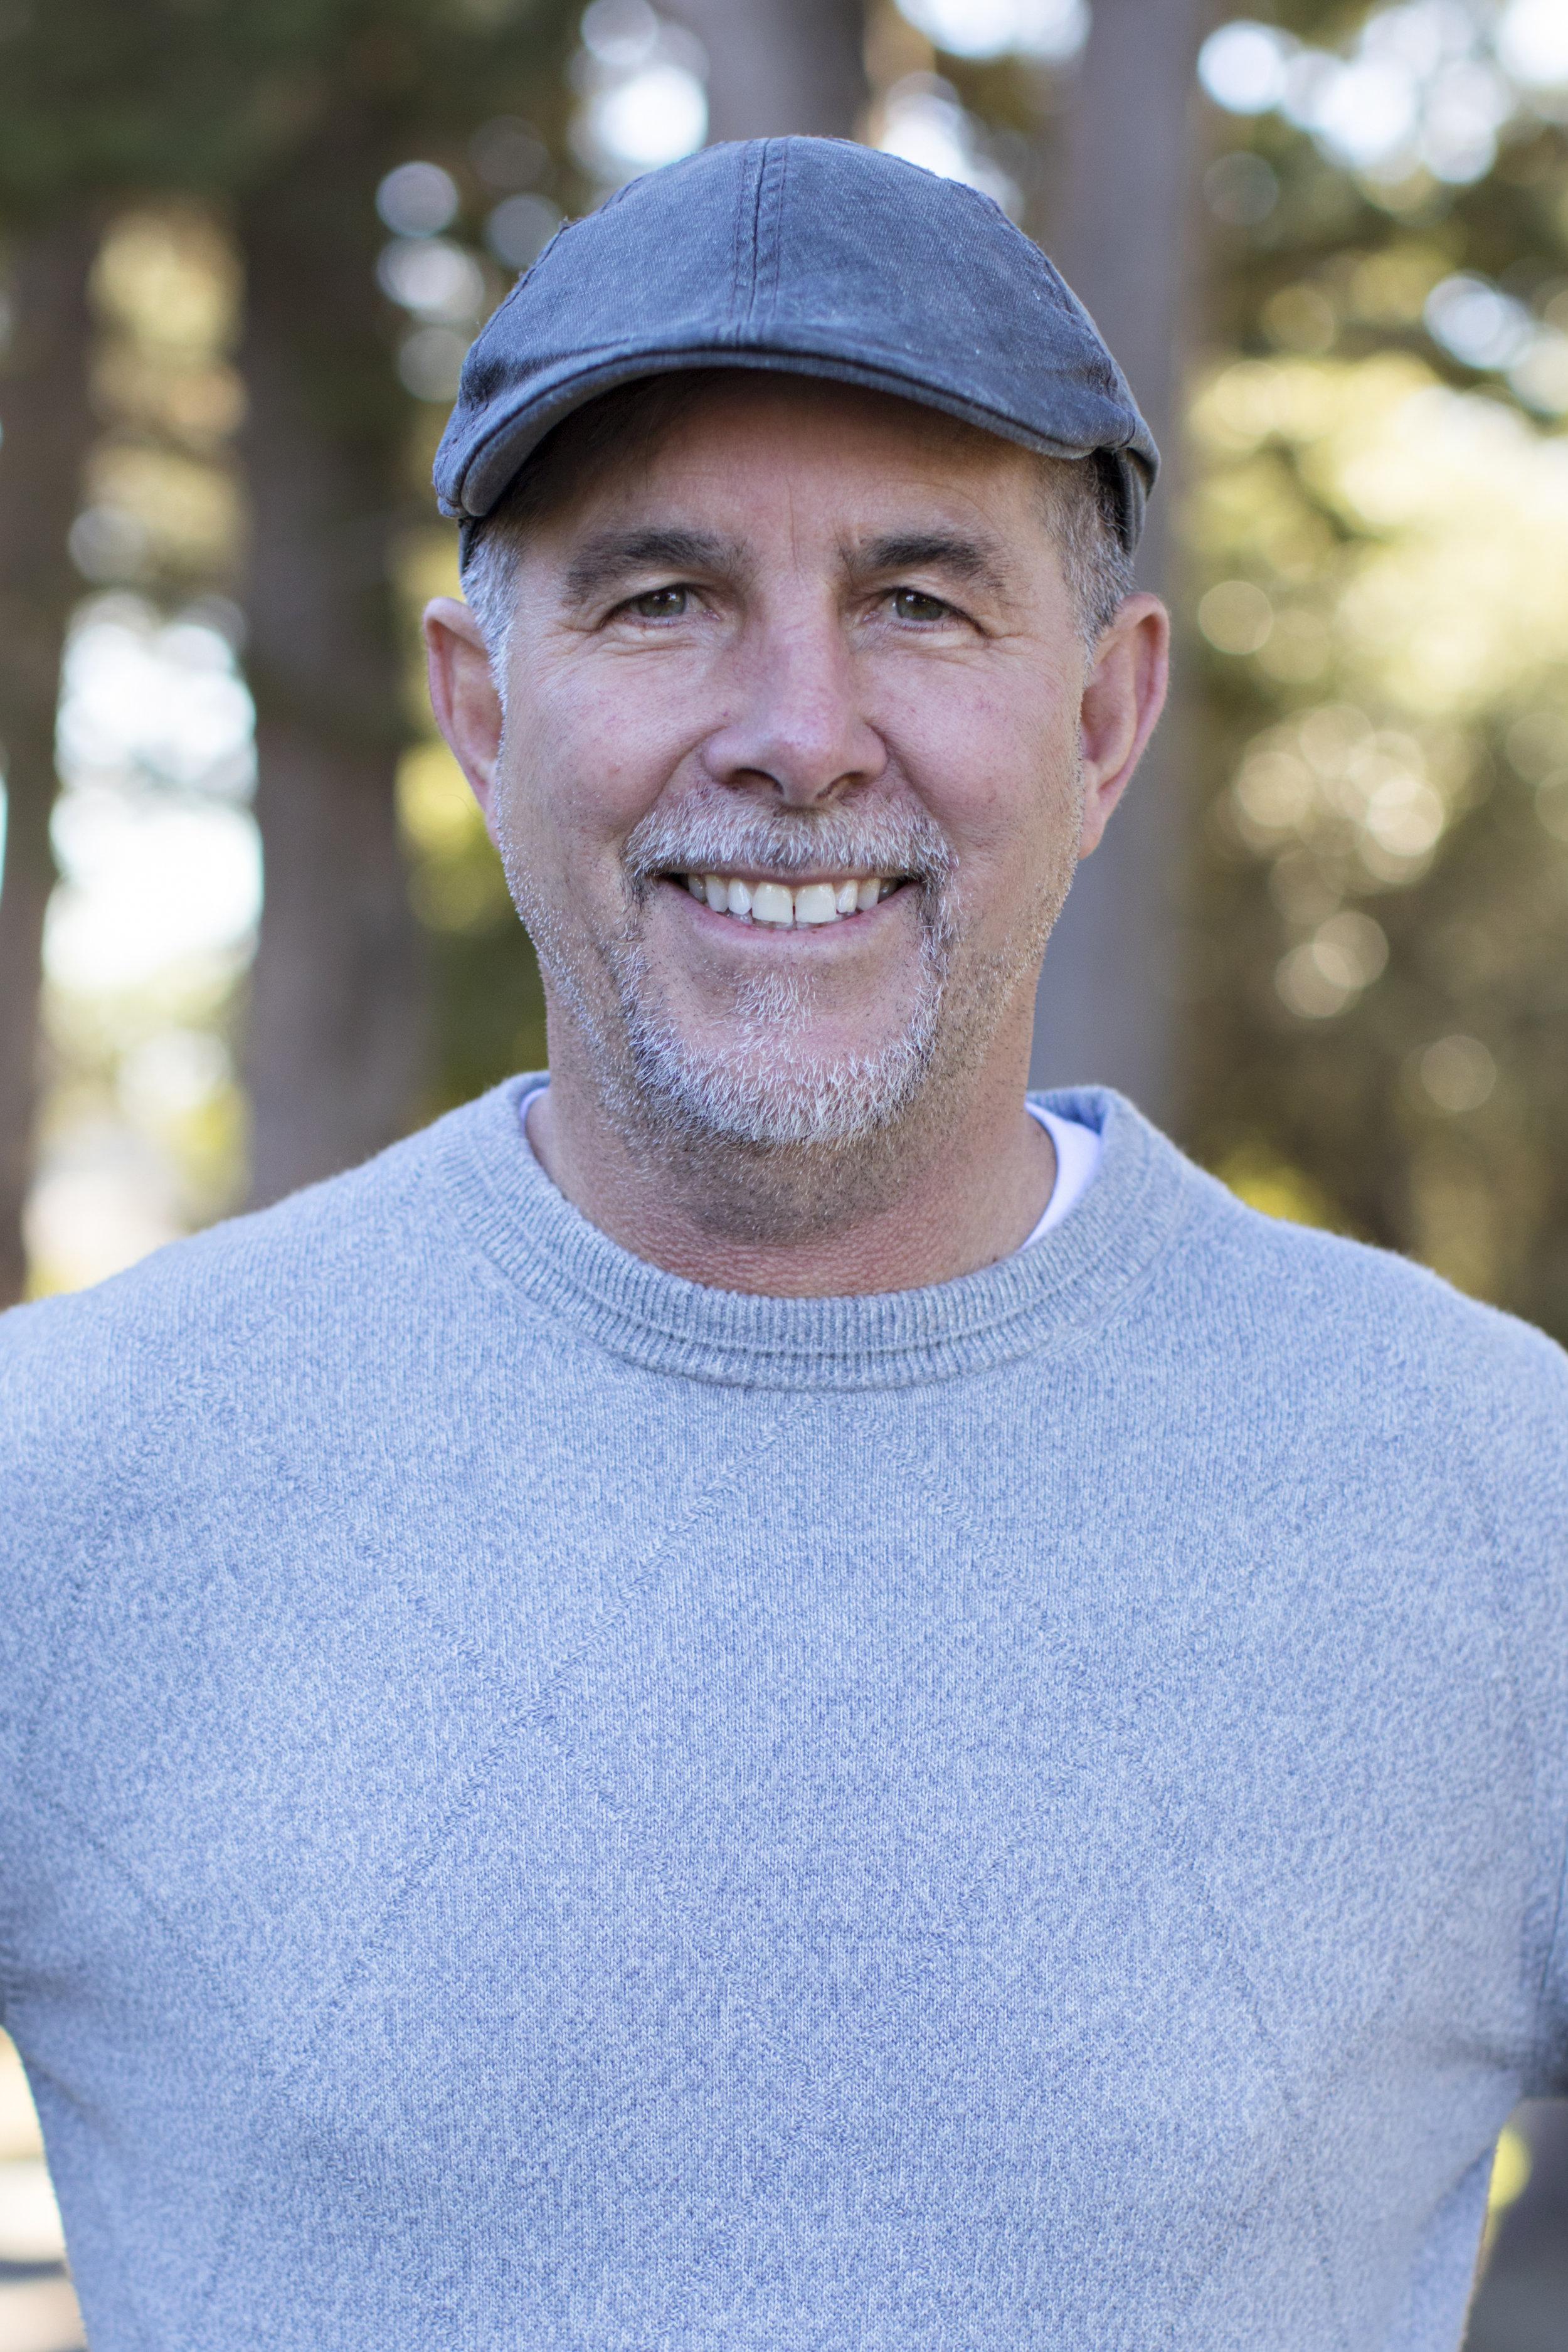 Steve Shober